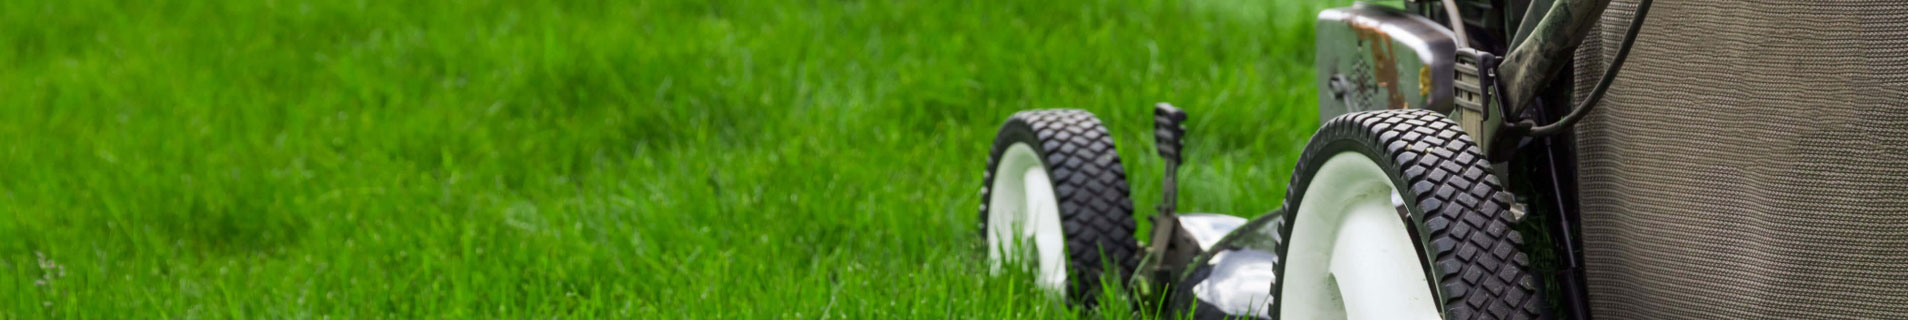 Naslovna slika za Električna kosačica za travu